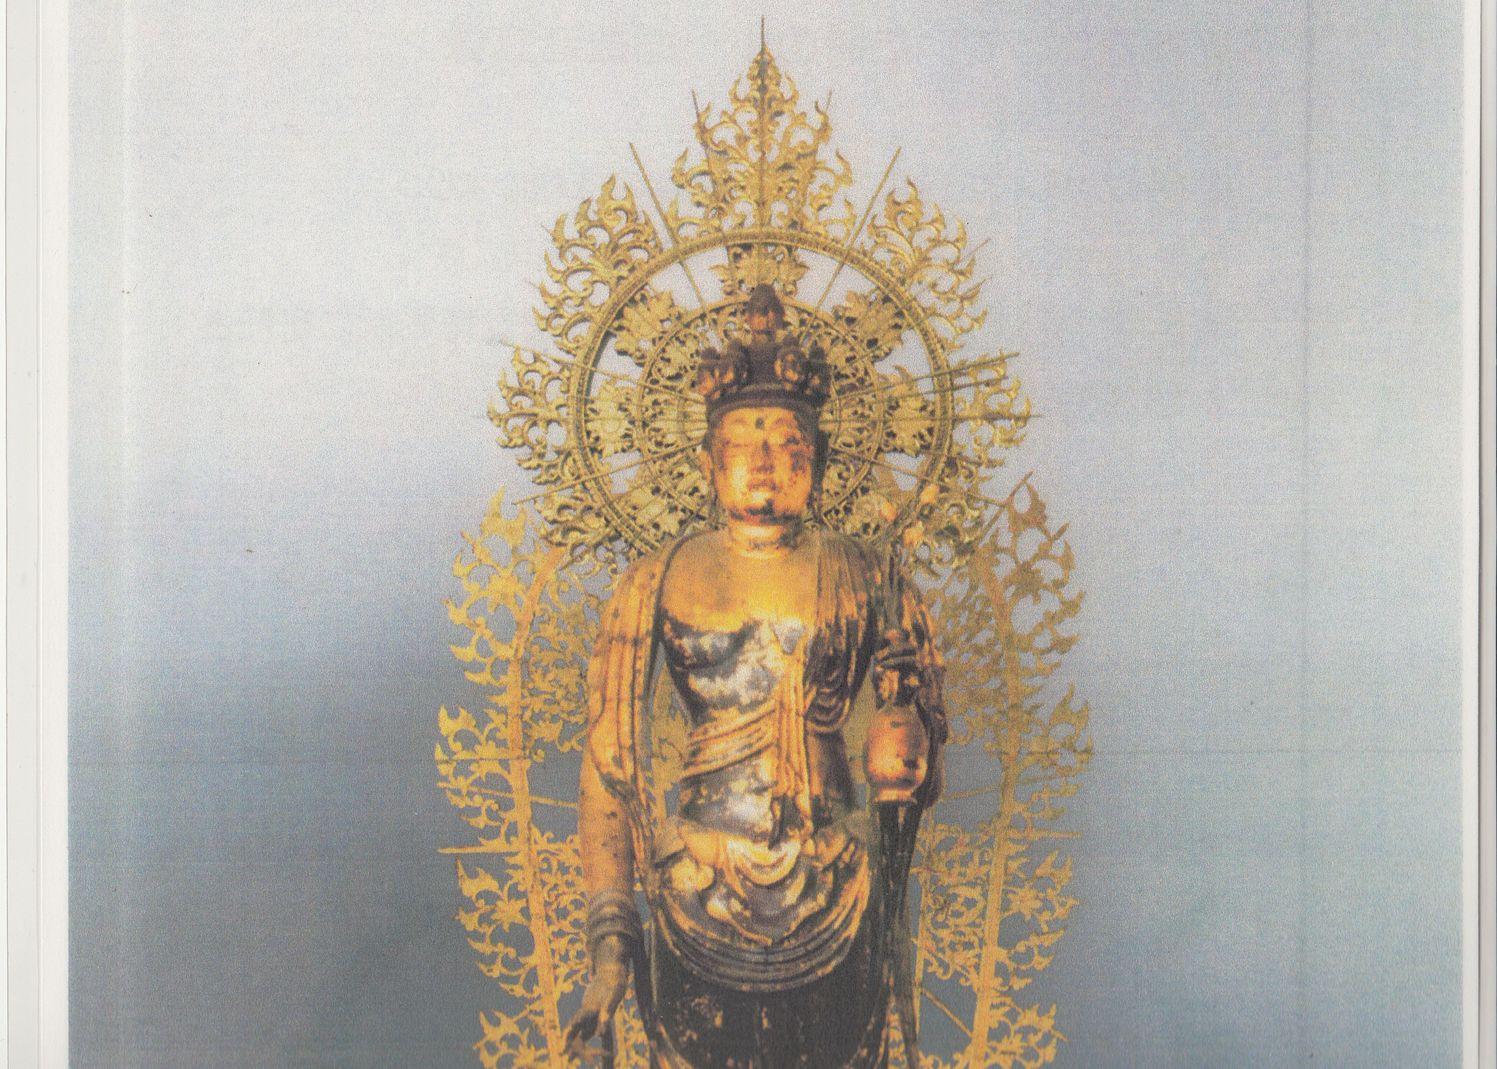 聖林寺 十一面観音菩薩立像 : 奈良・桜井の歴史と社会